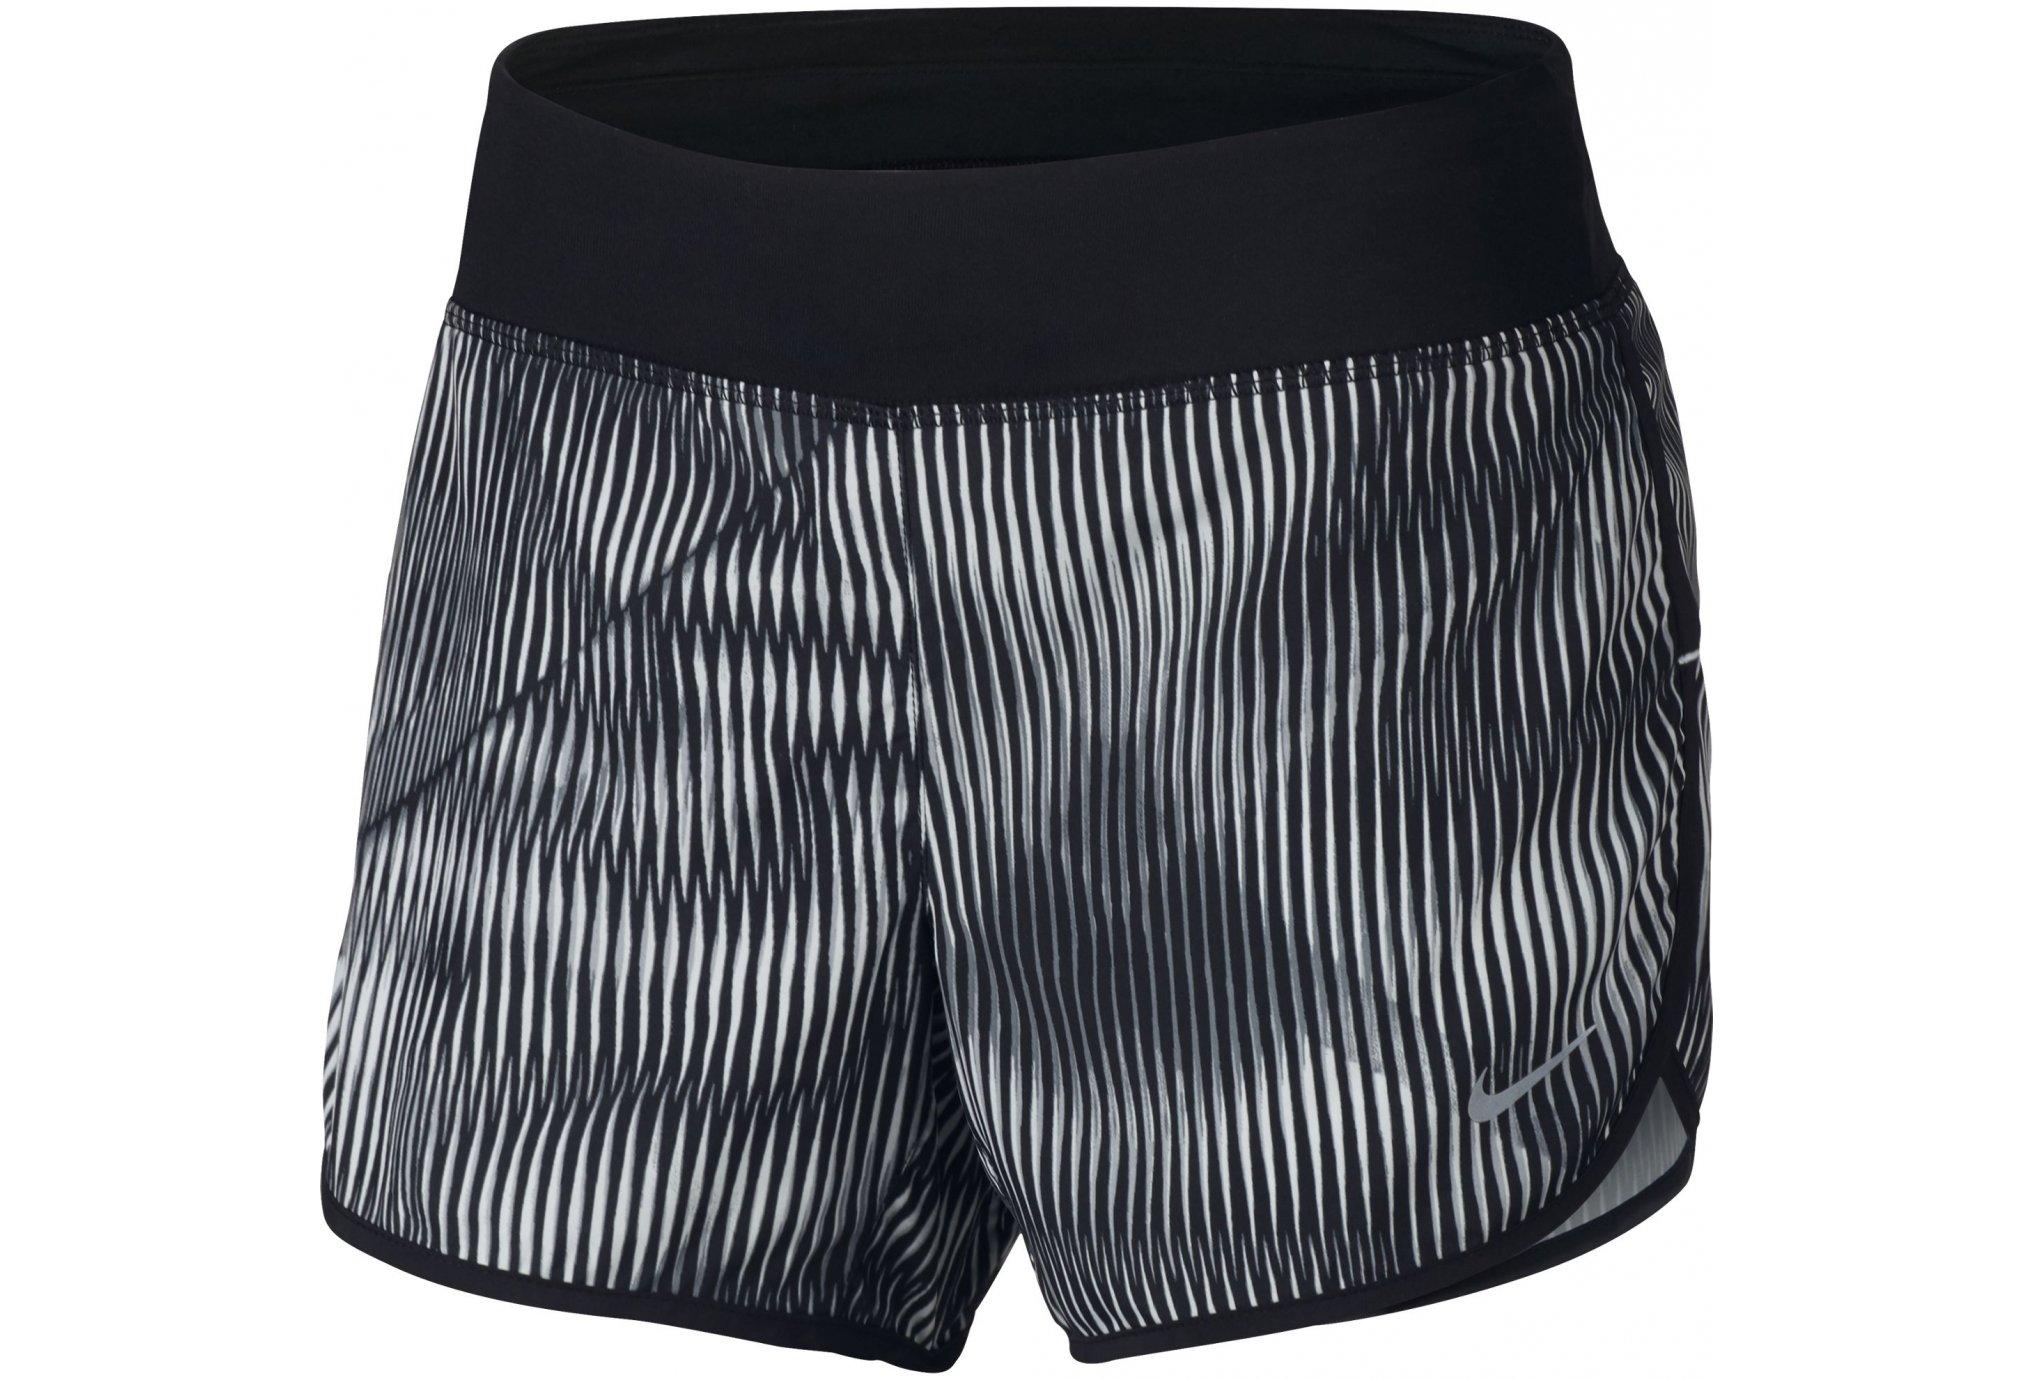 acheter en ligne cb96c 203ff UAG running - Nike Rival Fille vêtement running femme